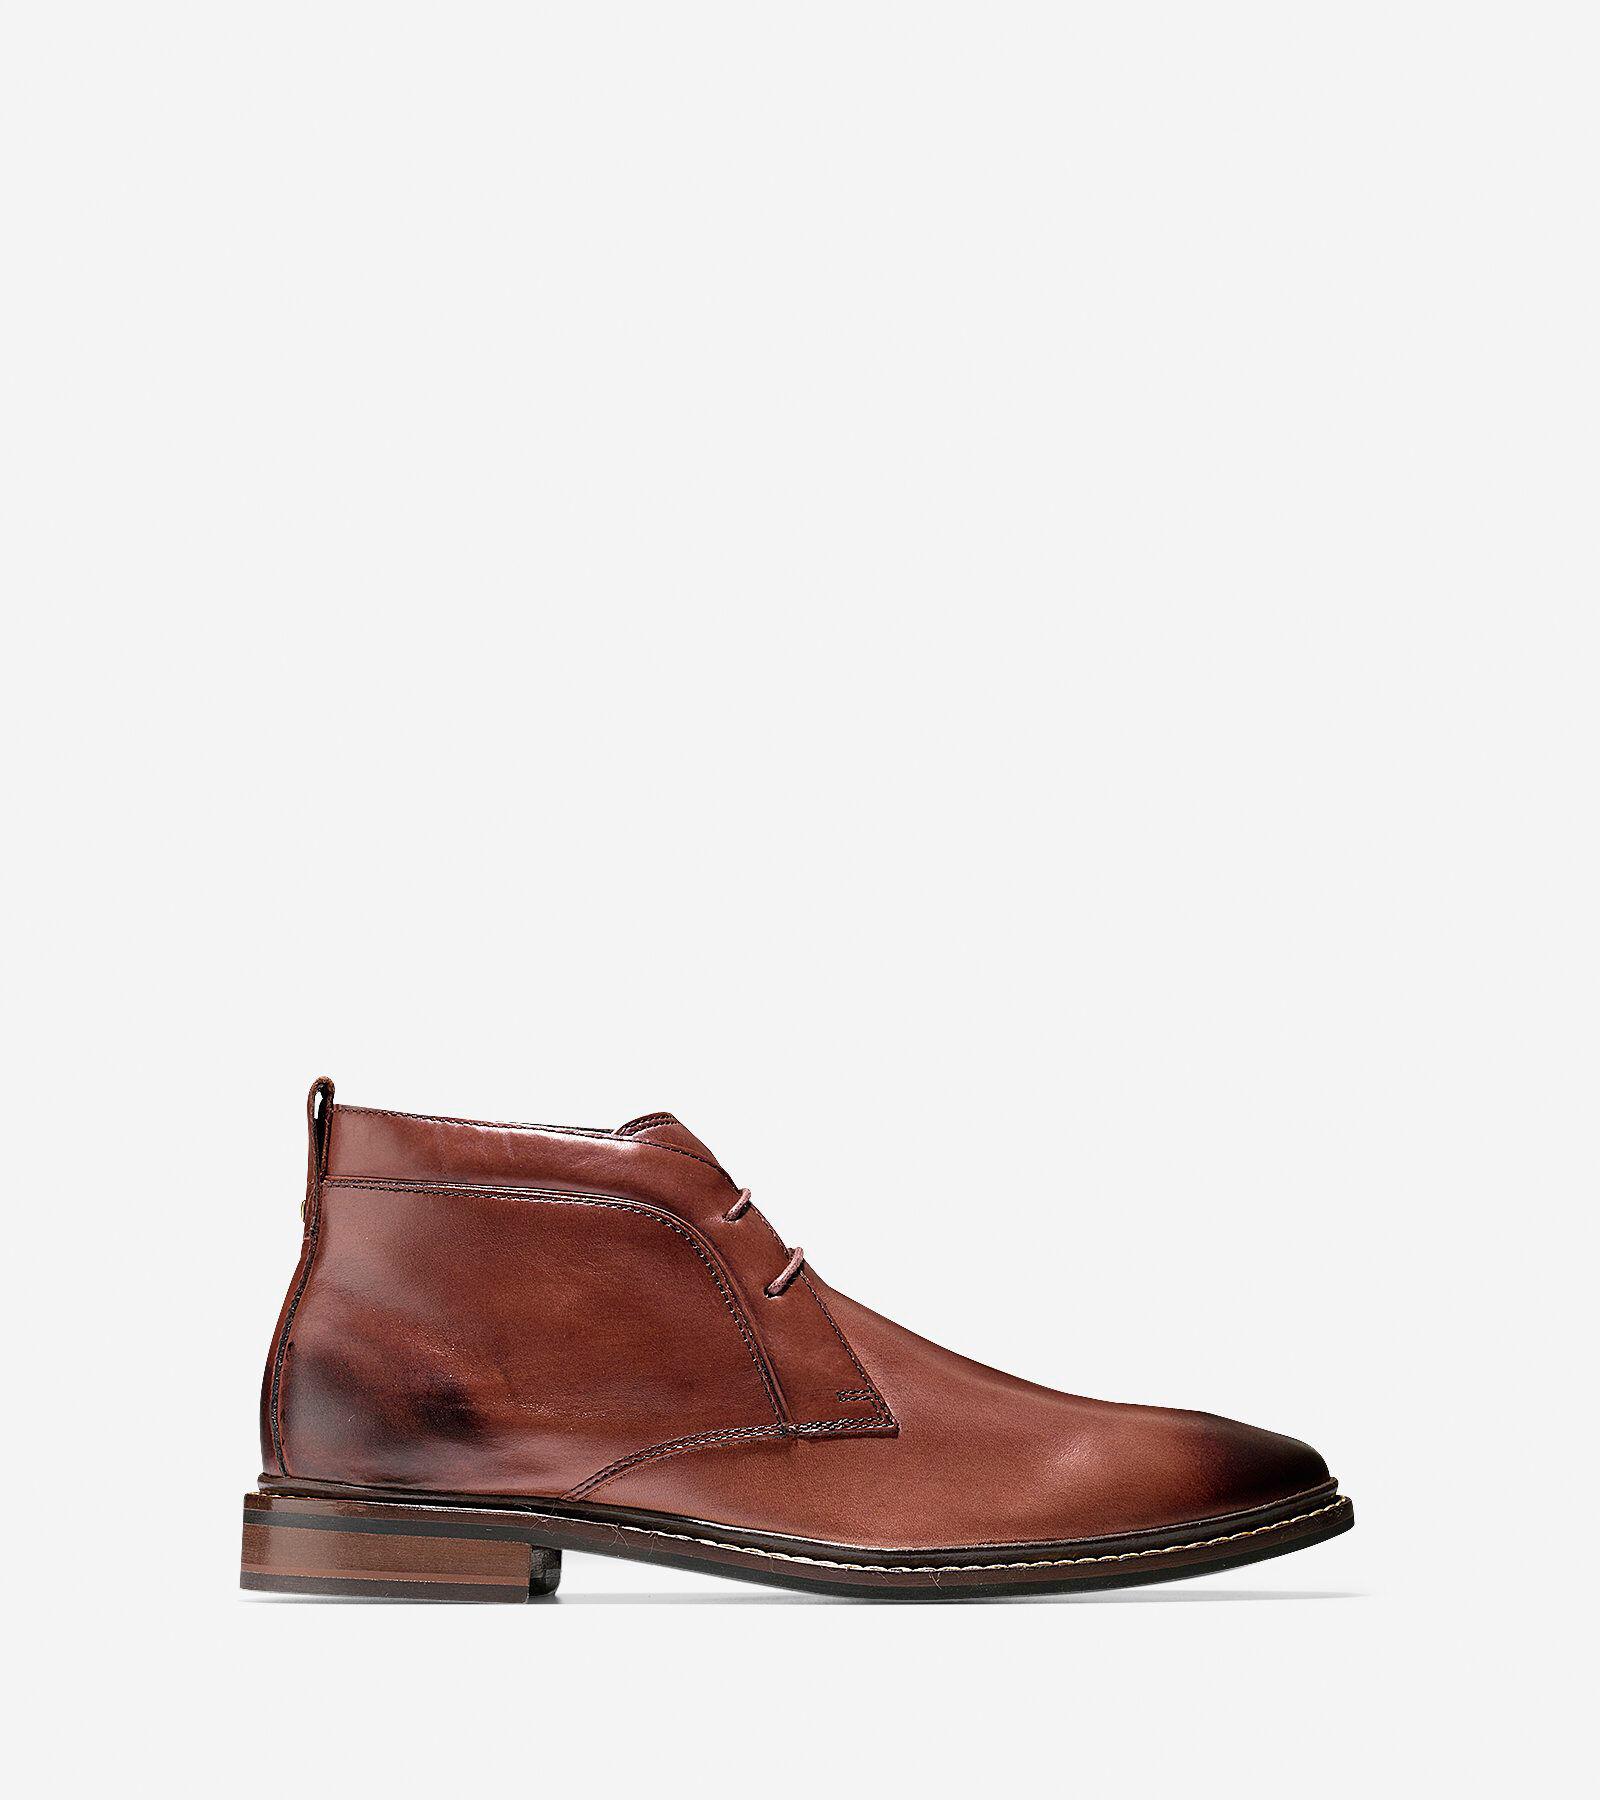 Boots > Graydon Chukka